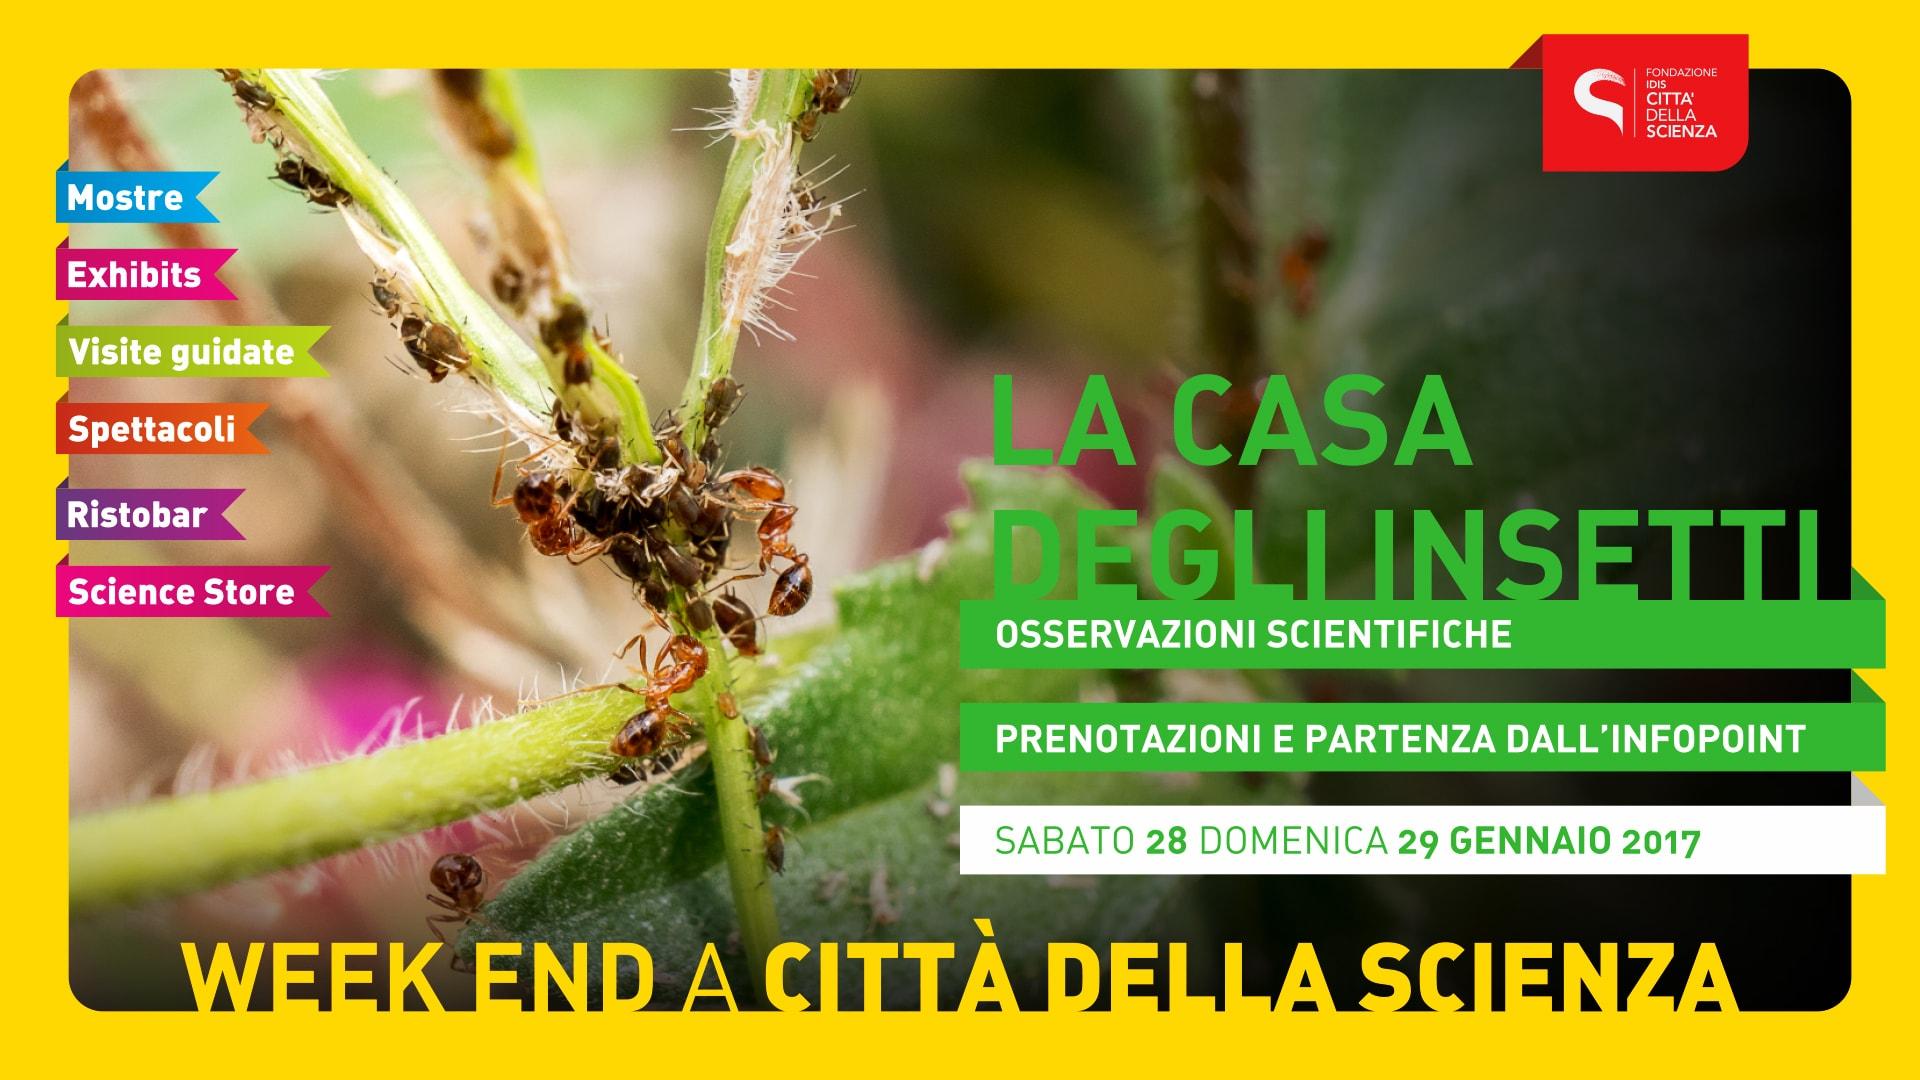 CASA_DEGLI_INSETTI_1920_x_1080-min